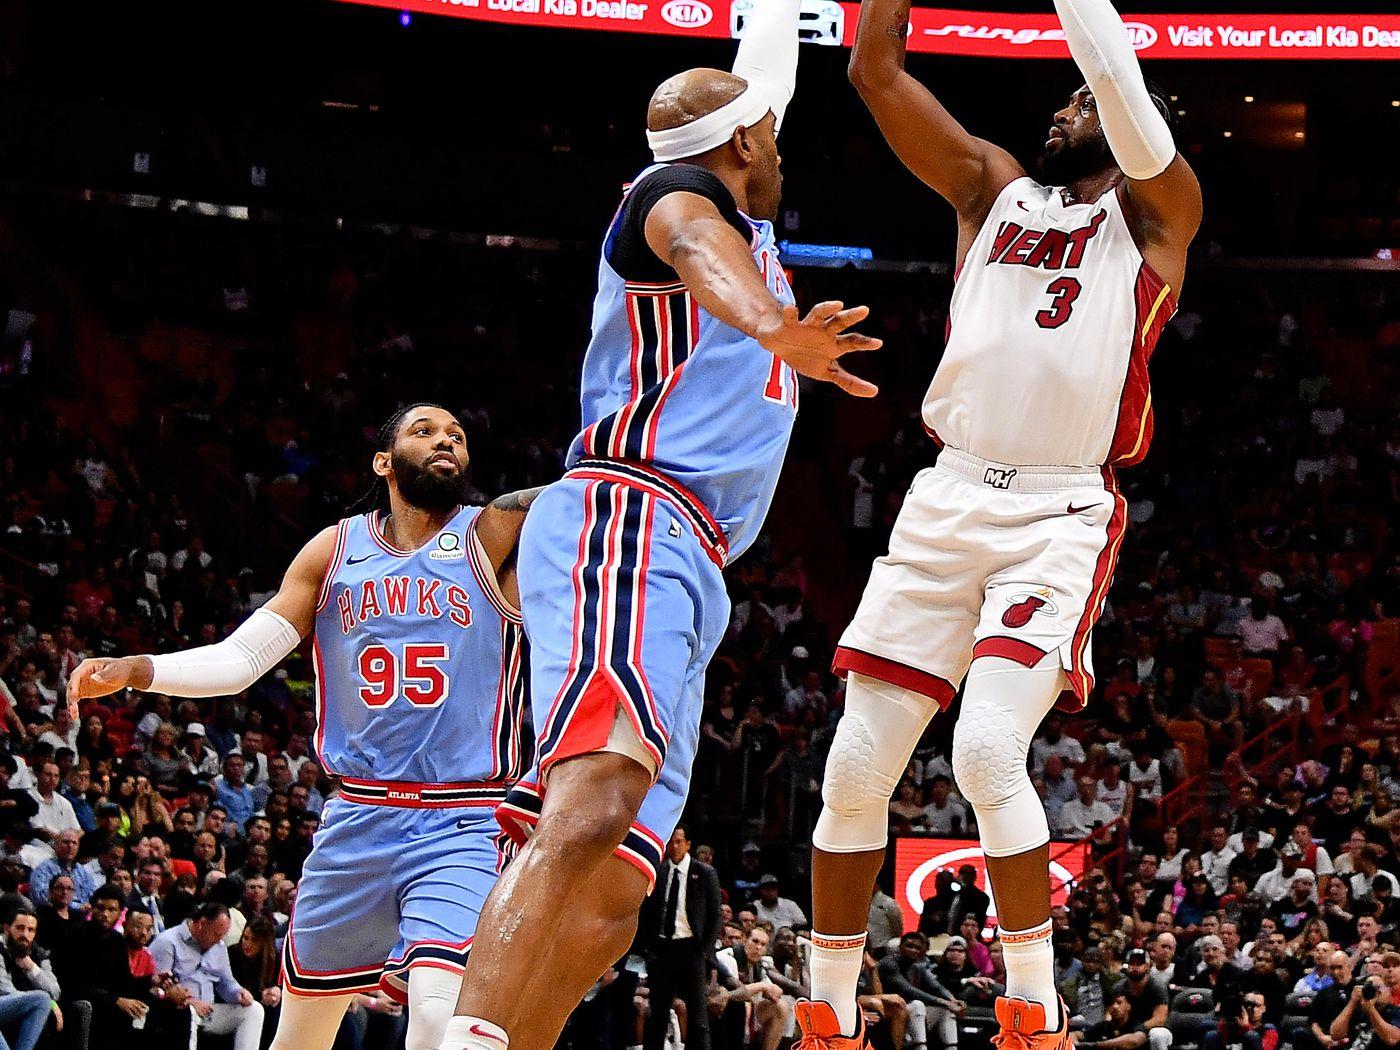 ebf5c388611 Dwyane Wade outduels Vince Carter Atlanta in Hawks loss to Miami Heat -  Peachtree Hoops